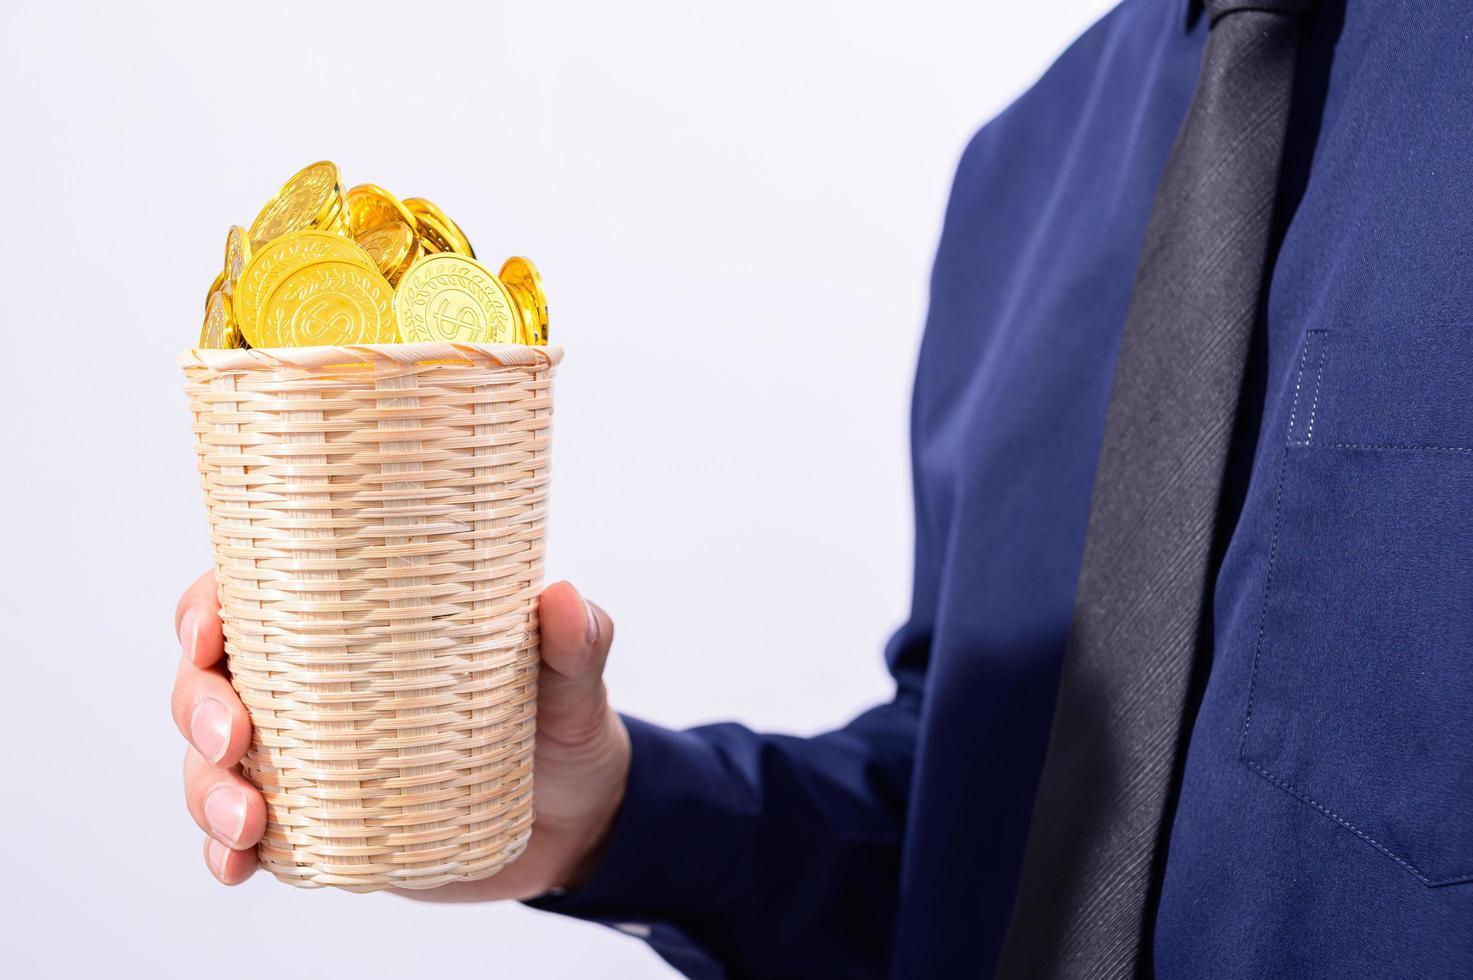 mano sosteniendo una canasta llena de monedas foto